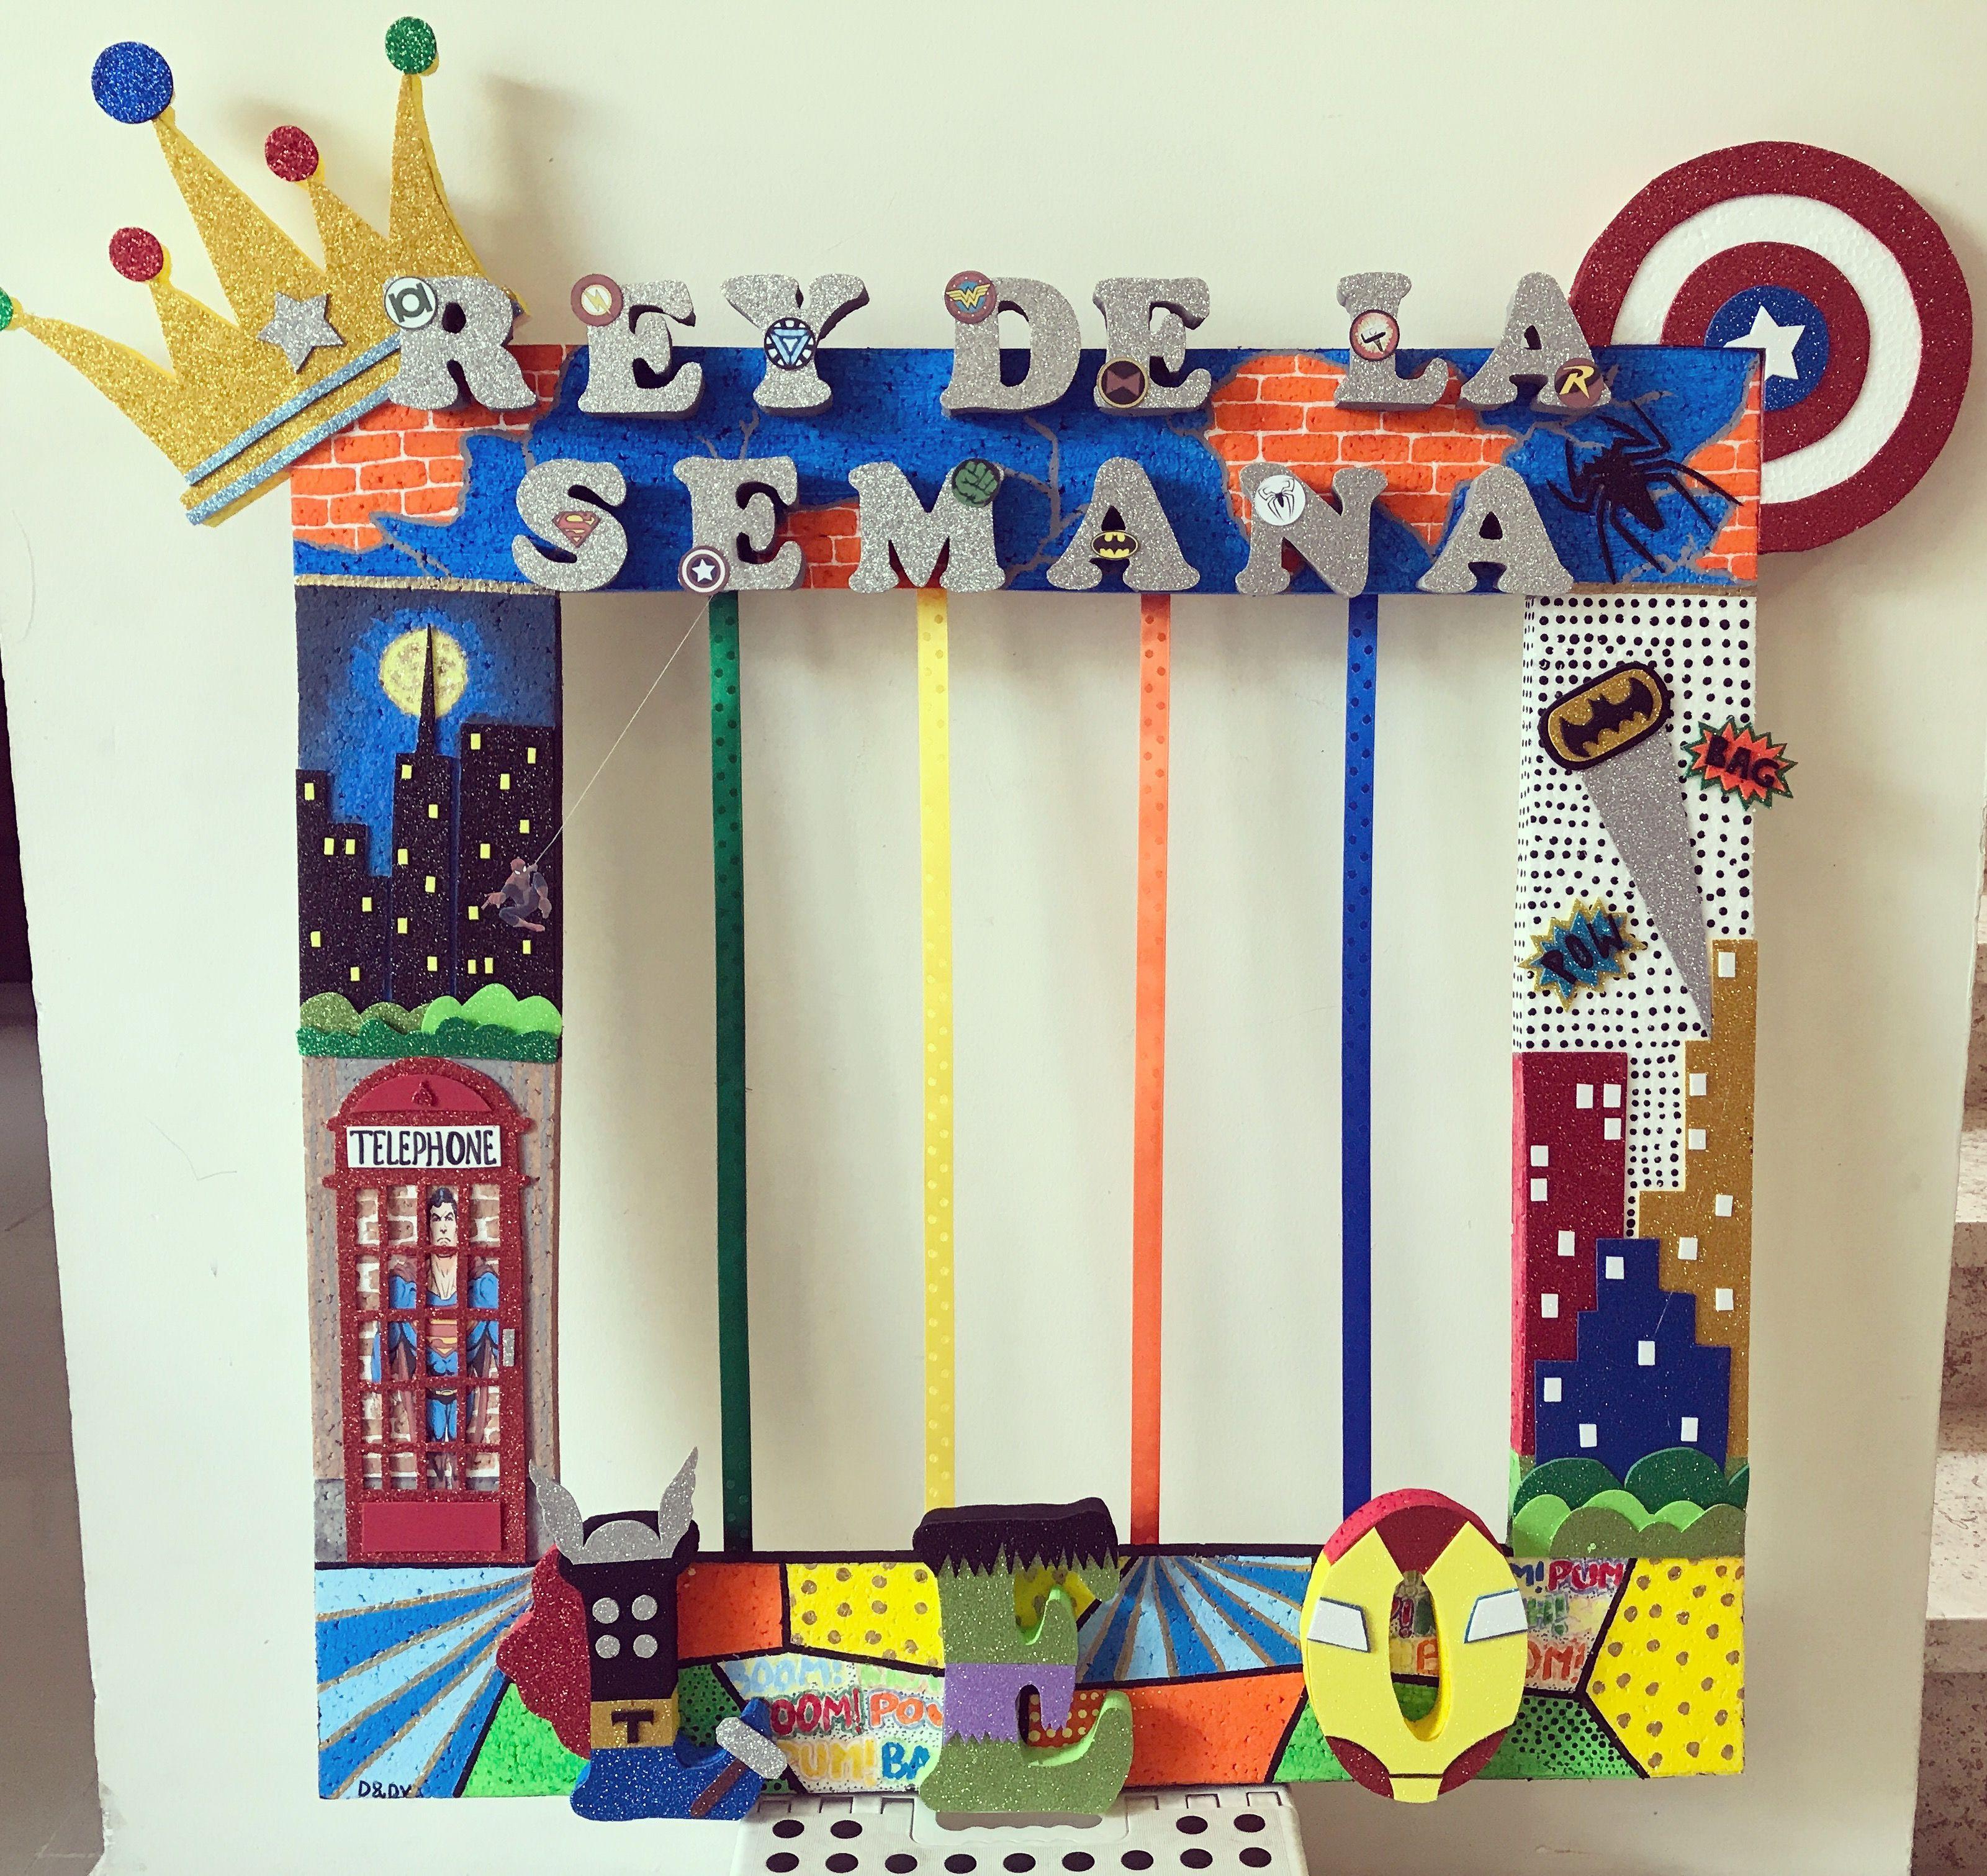 Marco decorado de superheroes para el Rey de la semana en #kindergym ...